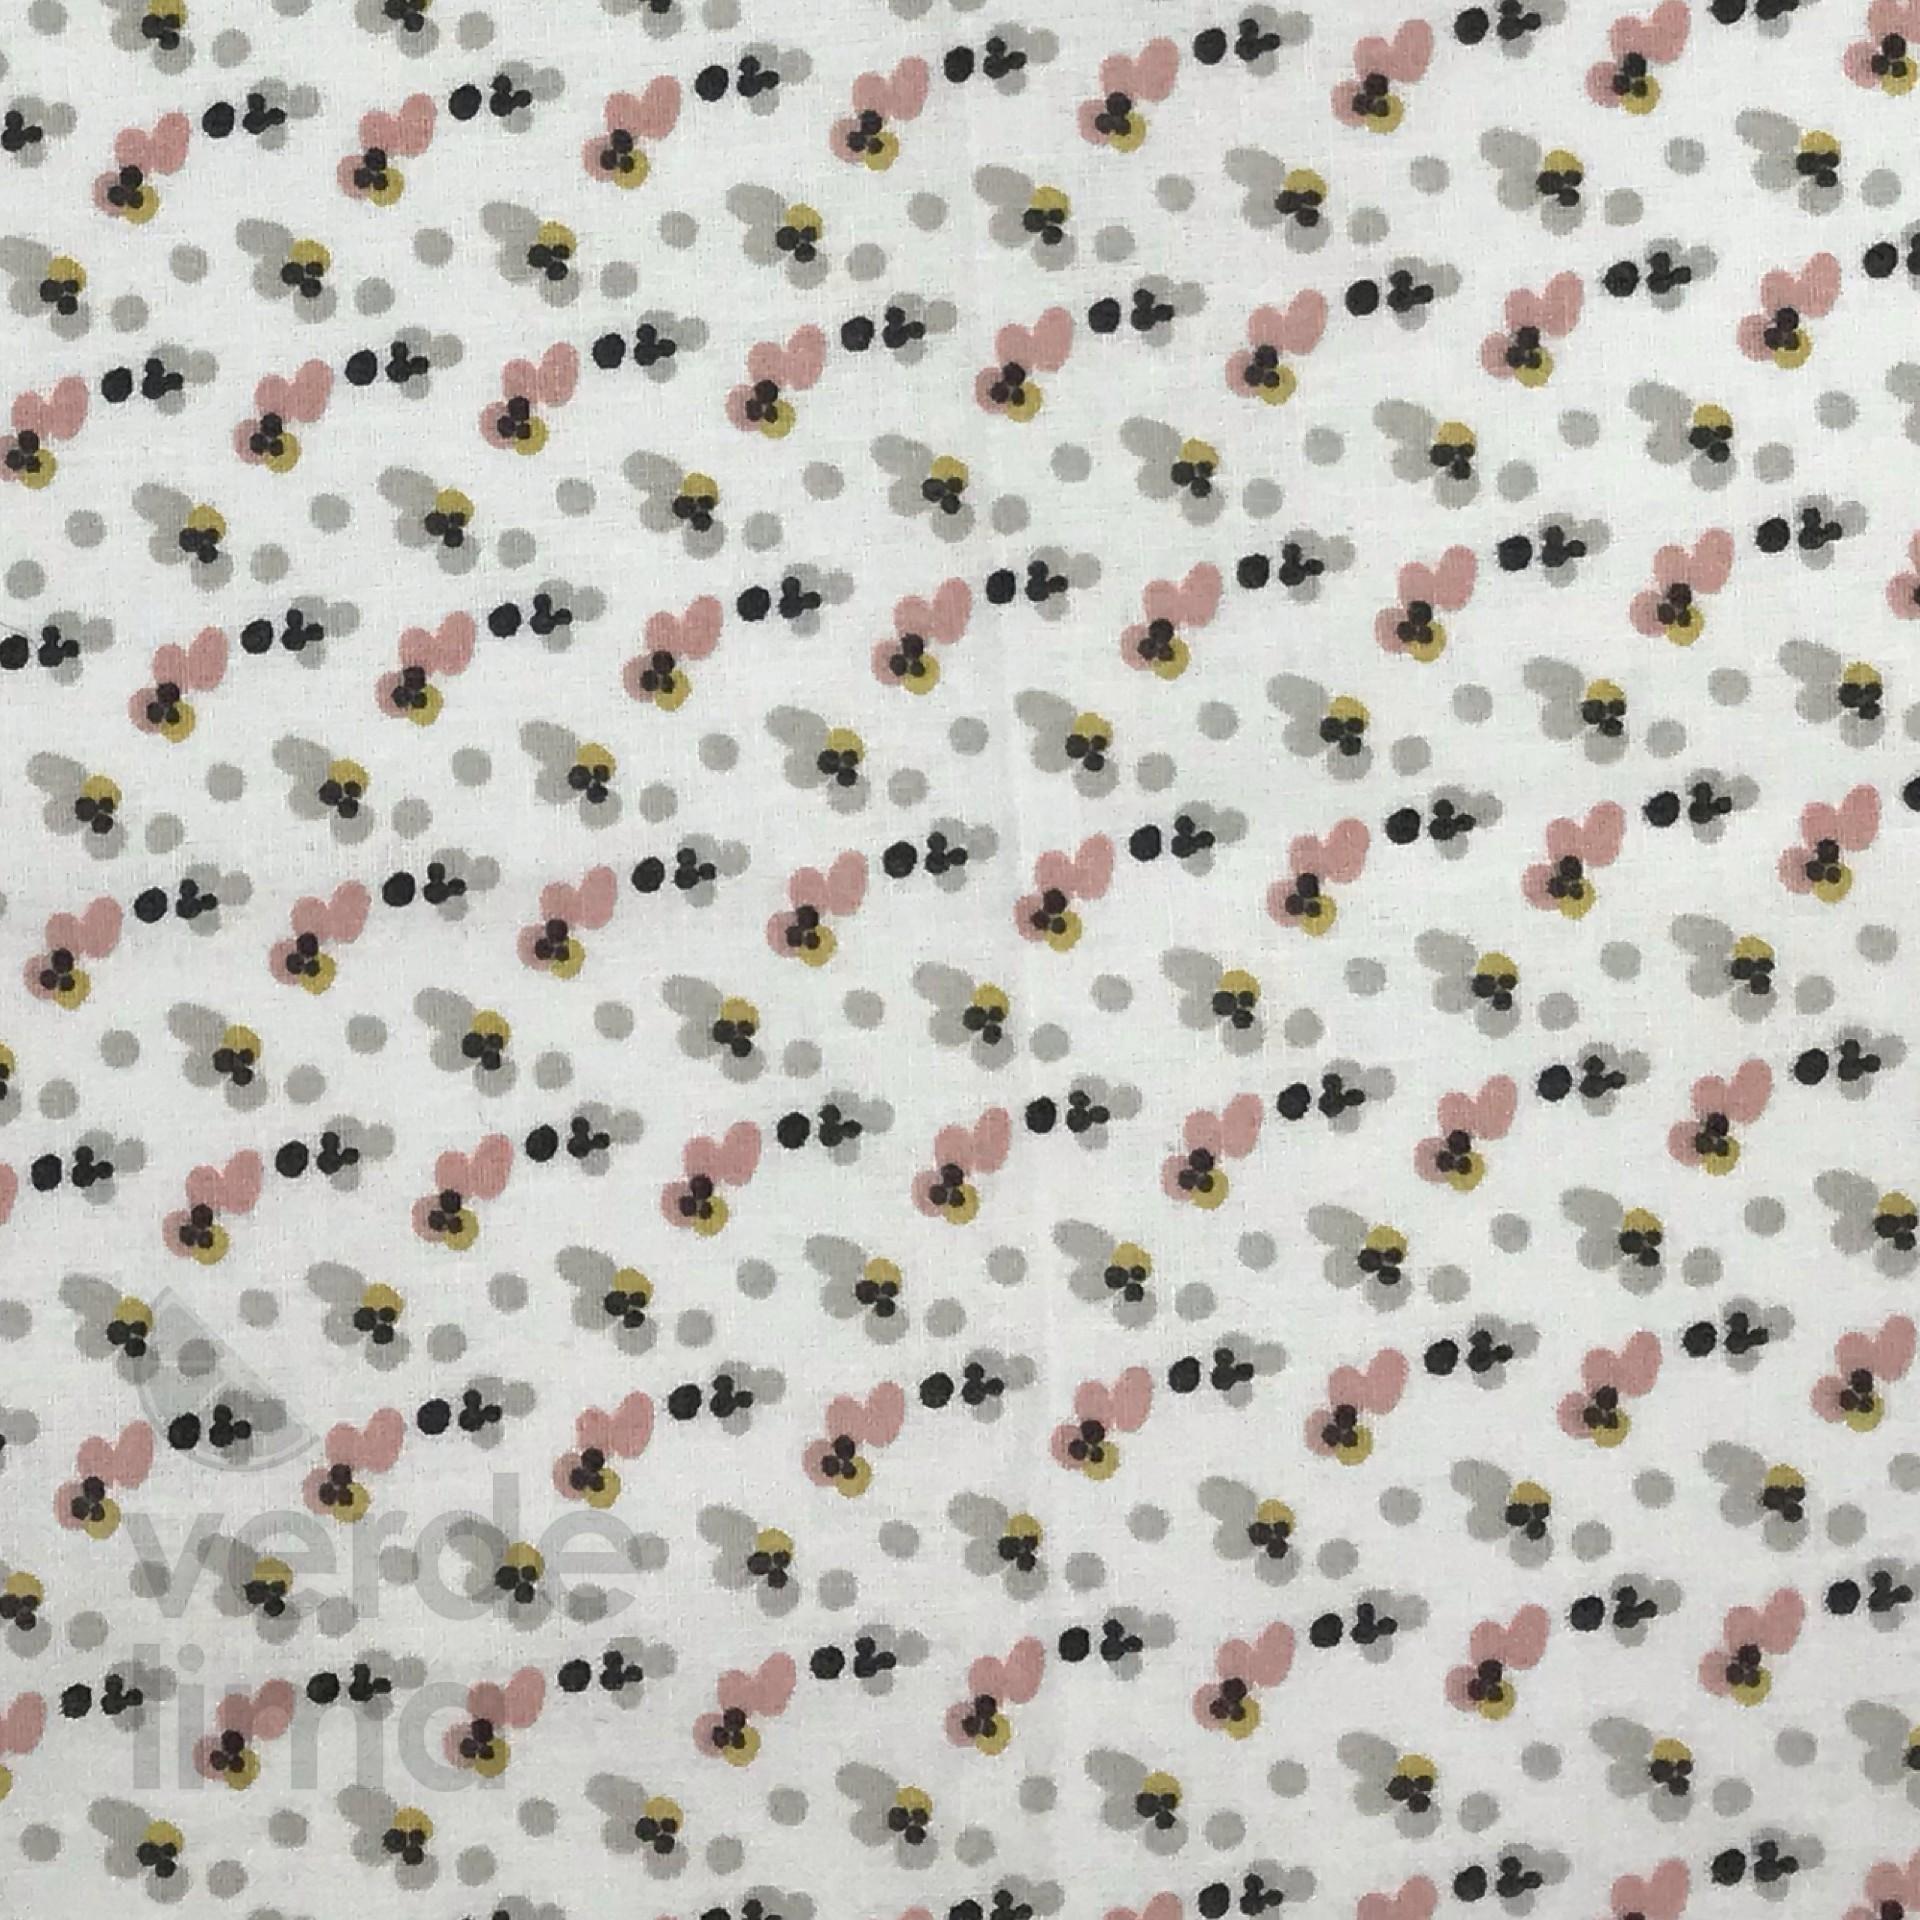 Princesa ratinha - Florinhas fundo branco